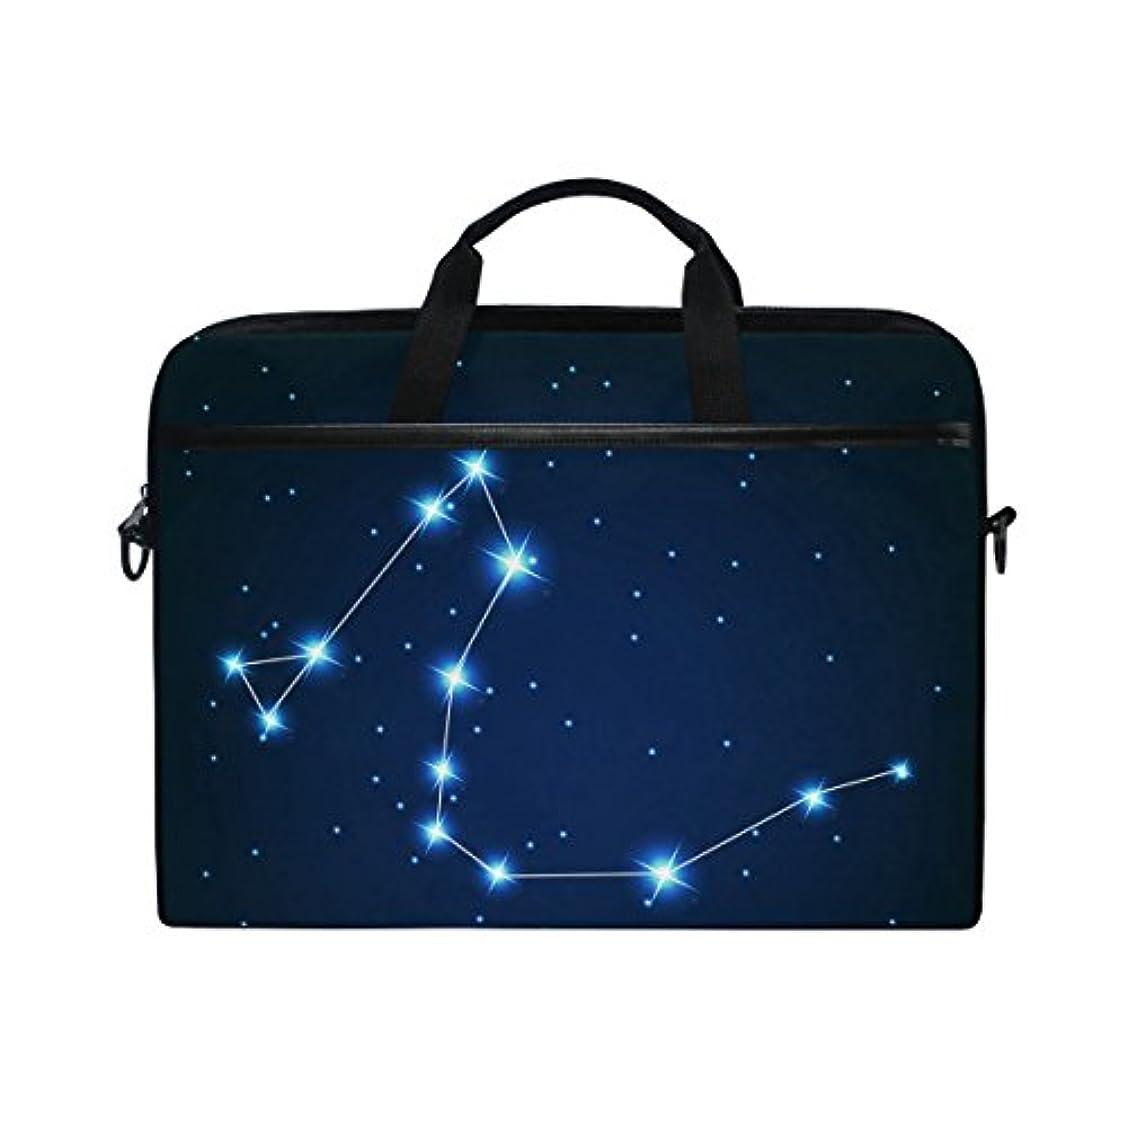 若者明らかにする採用UKIO(ユキオ) ビジネスバッグ パソコン収納 インナーバッグ 保護用スリーブカバー PCケース りゅう座 夜空 きらきら 星 15.4インチ